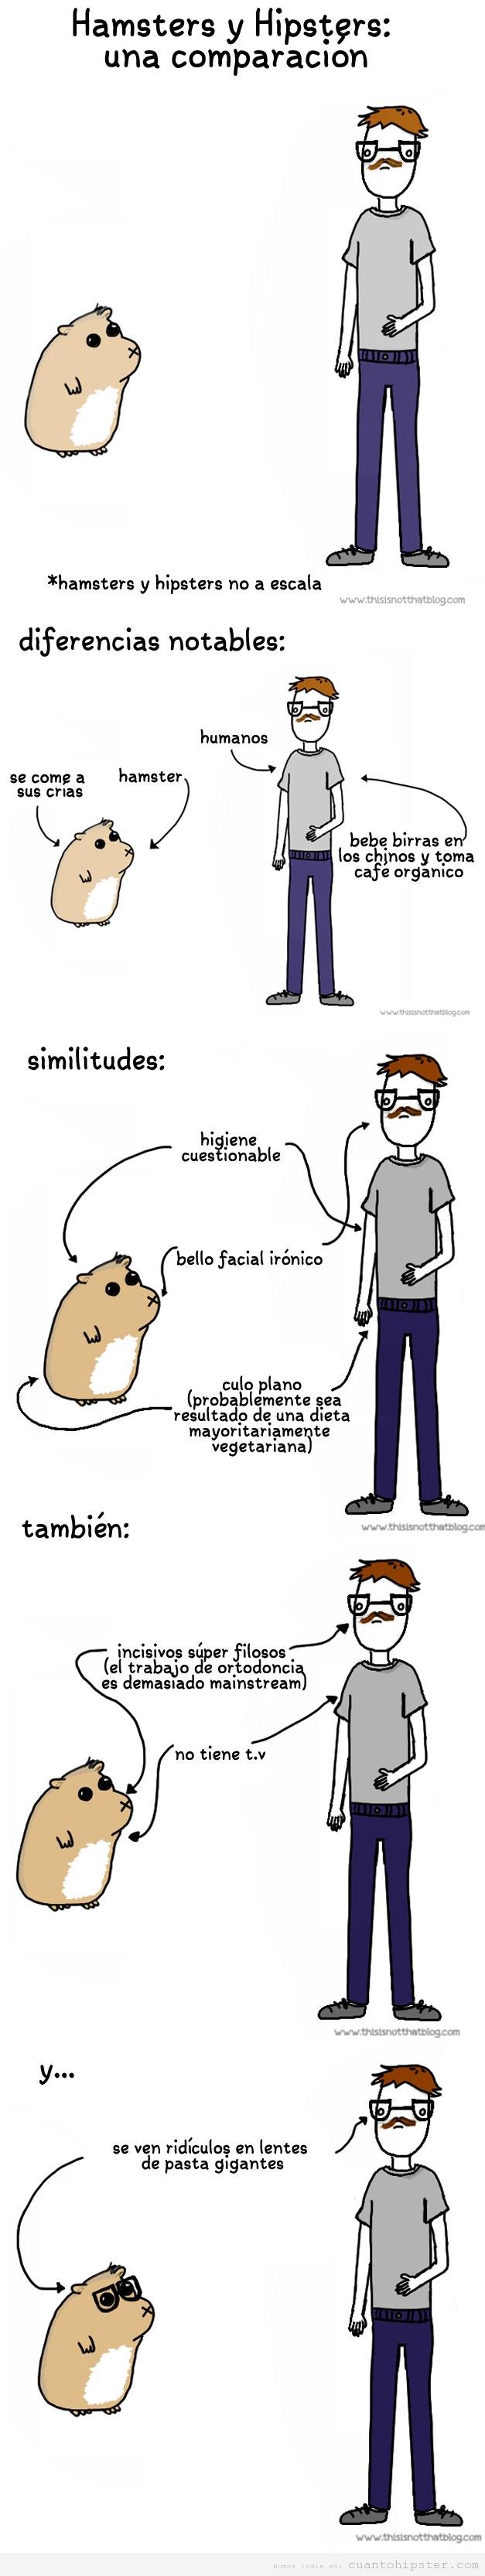 Humor gráfico, la comparación entre hamster y hipster